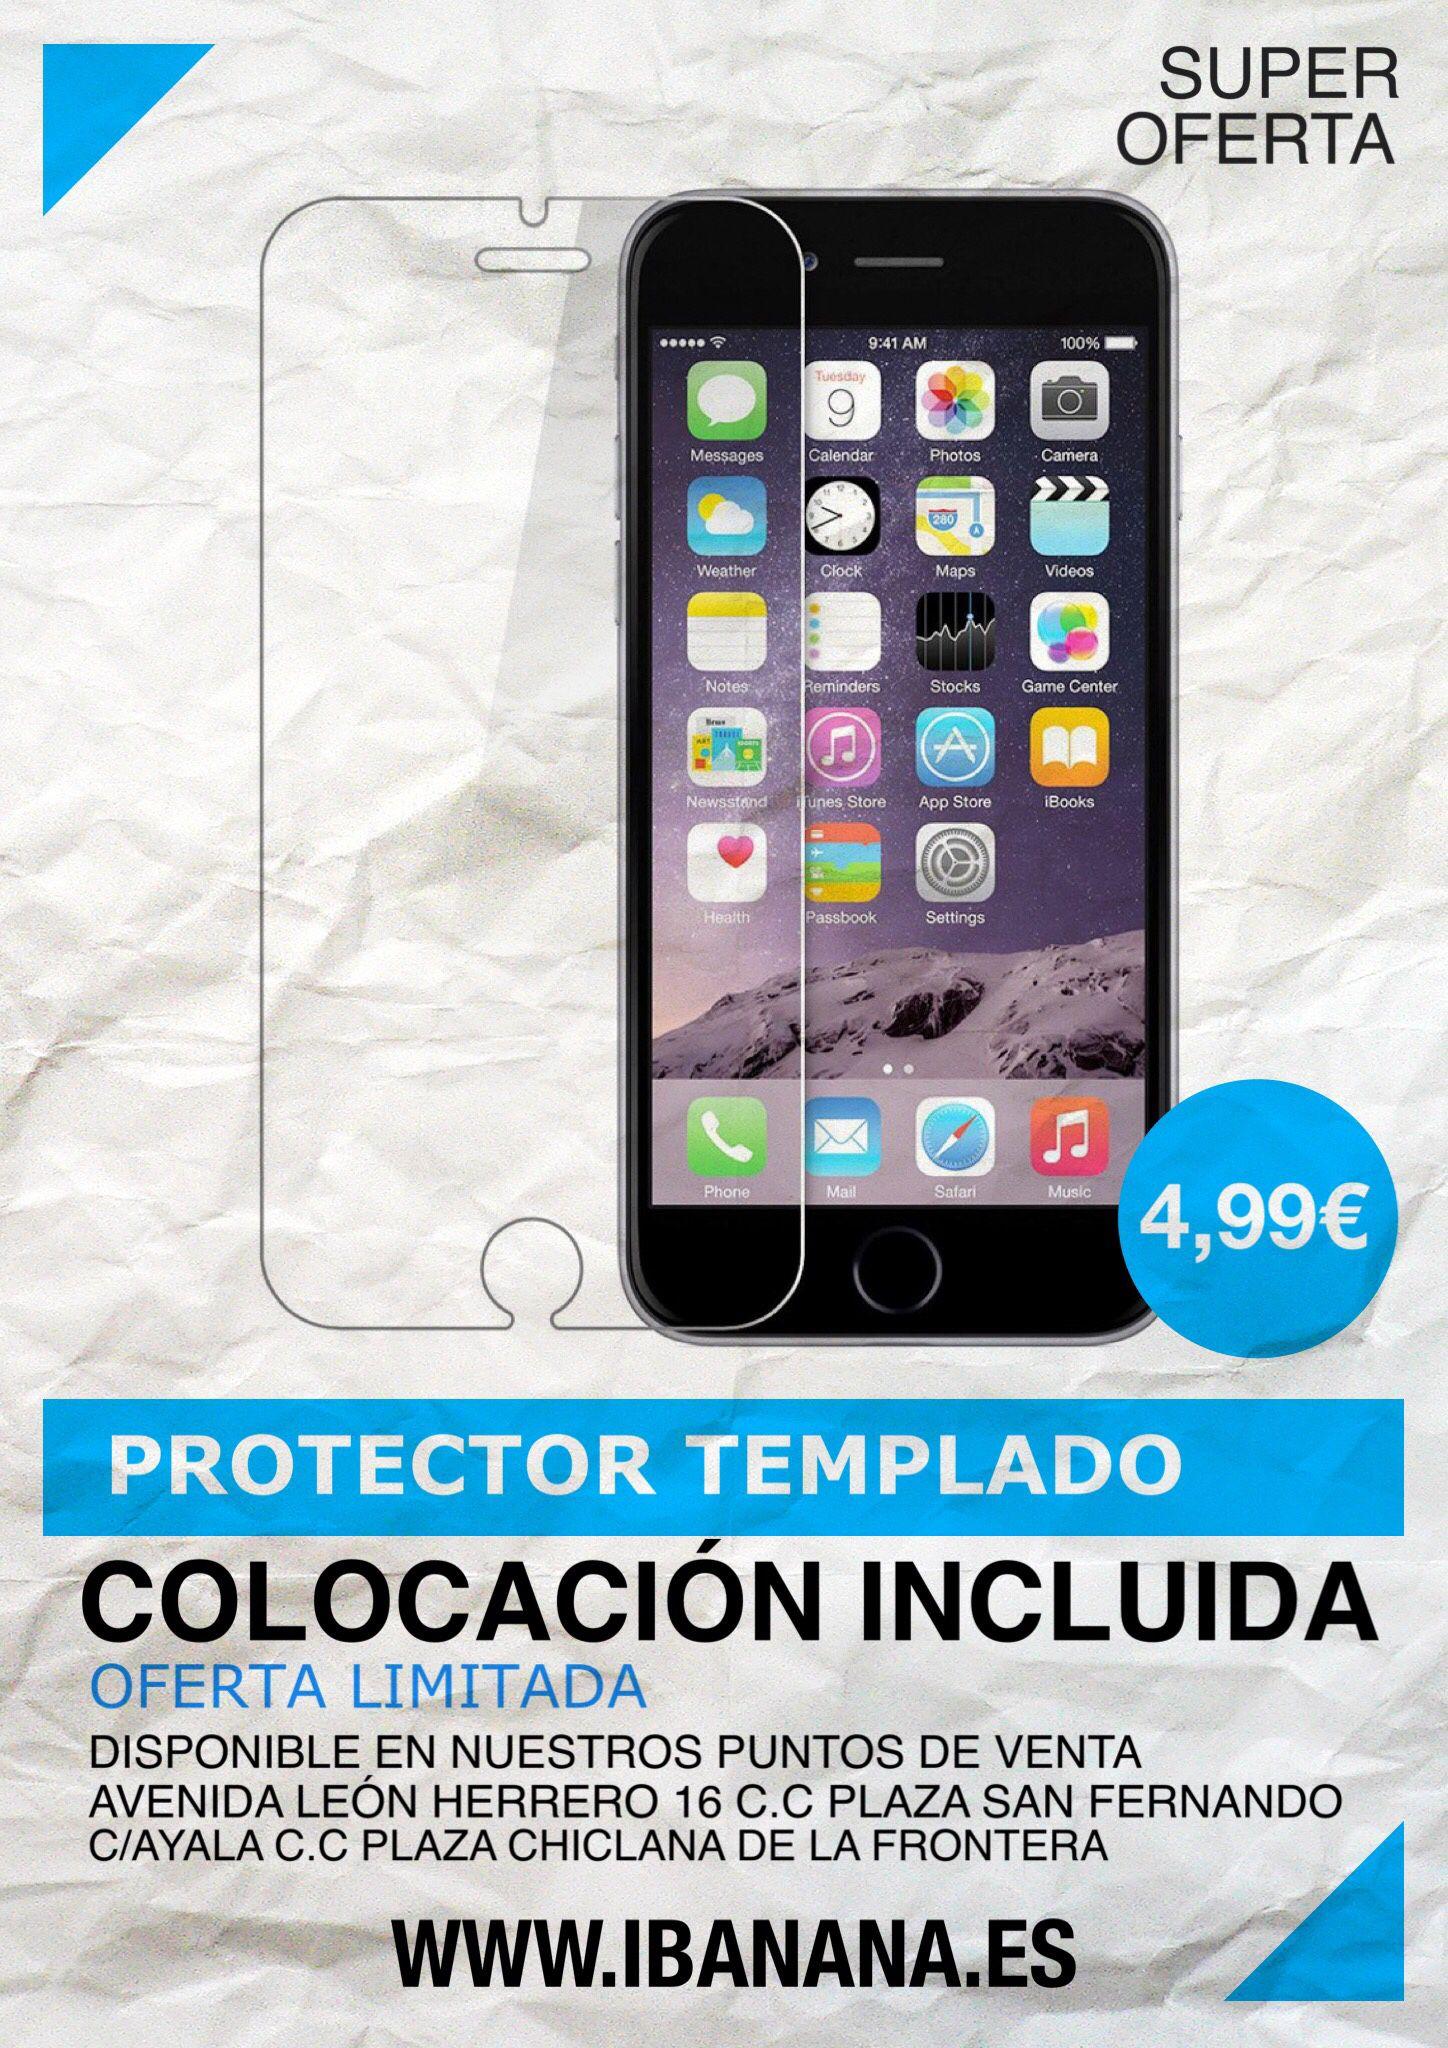 SUPER OFERTA Protector Templado para tu SmartPhone  Antes 7,90€ AHORA 4,99€ Colocación incluida Oferta limitada En nuestros puntos de venta Compártelo www.iBanana.es